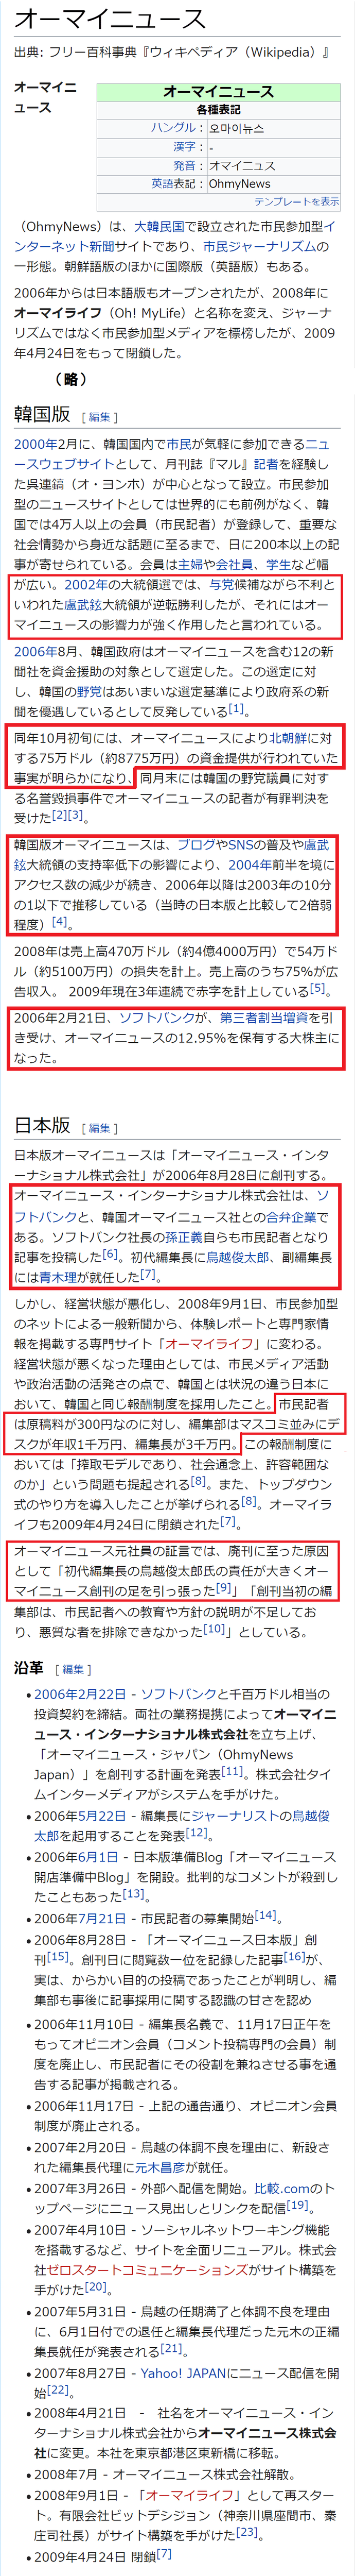 ソフトバンクが出資し、青木が副編集長だったオーマイニュース1